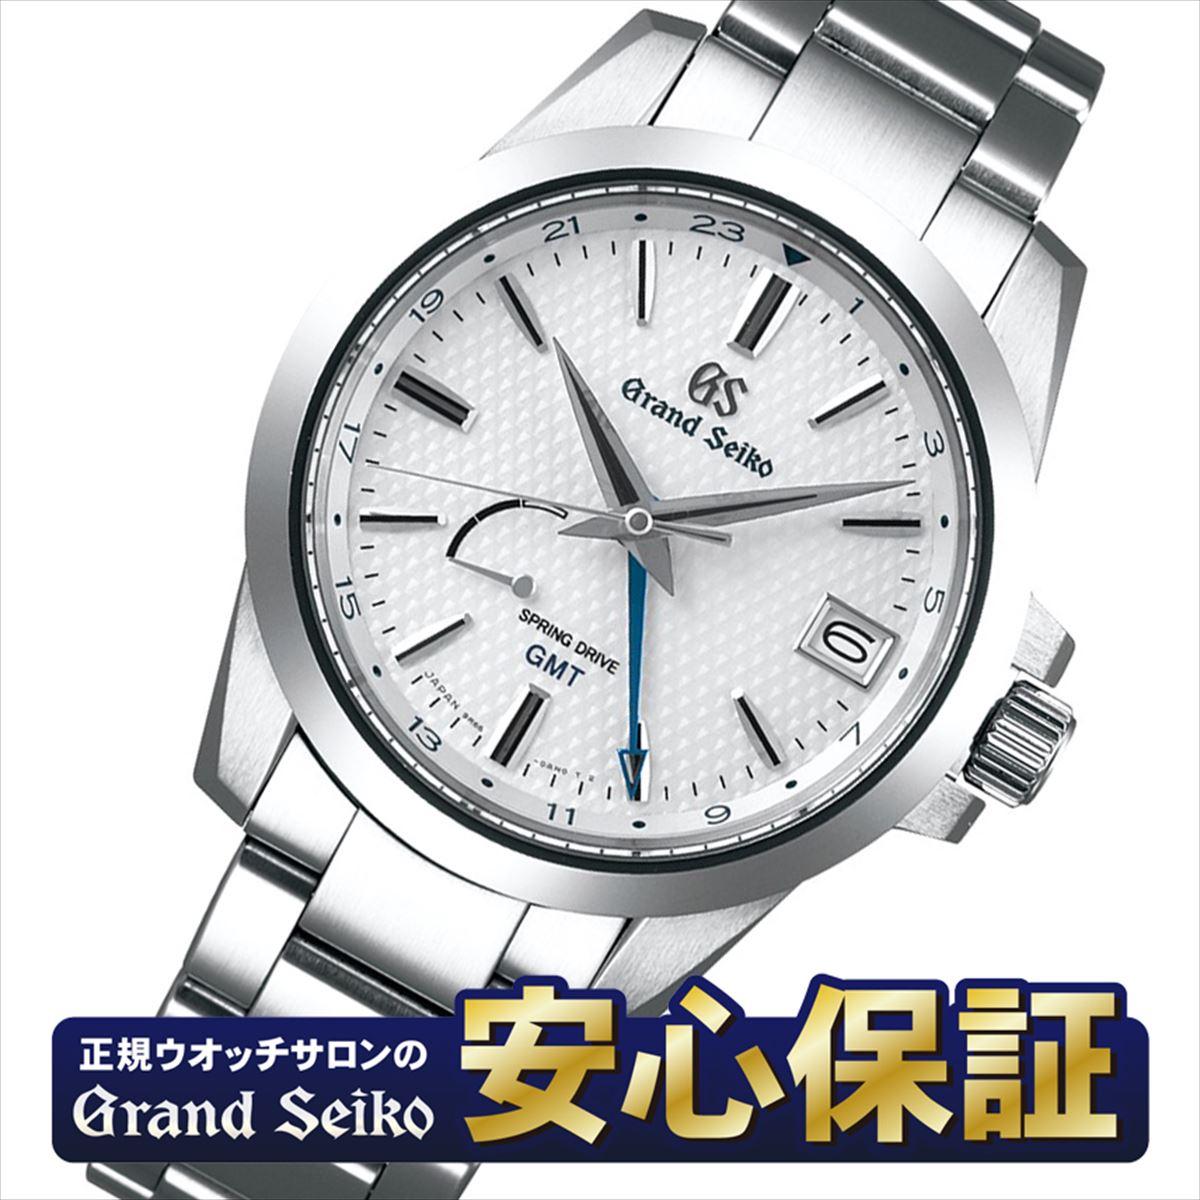 腕時計, メンズ腕時計 10OFF2195930GSSEIKO SBGE209 GMT 9R66 GRAND SEIKO NLGS10spl